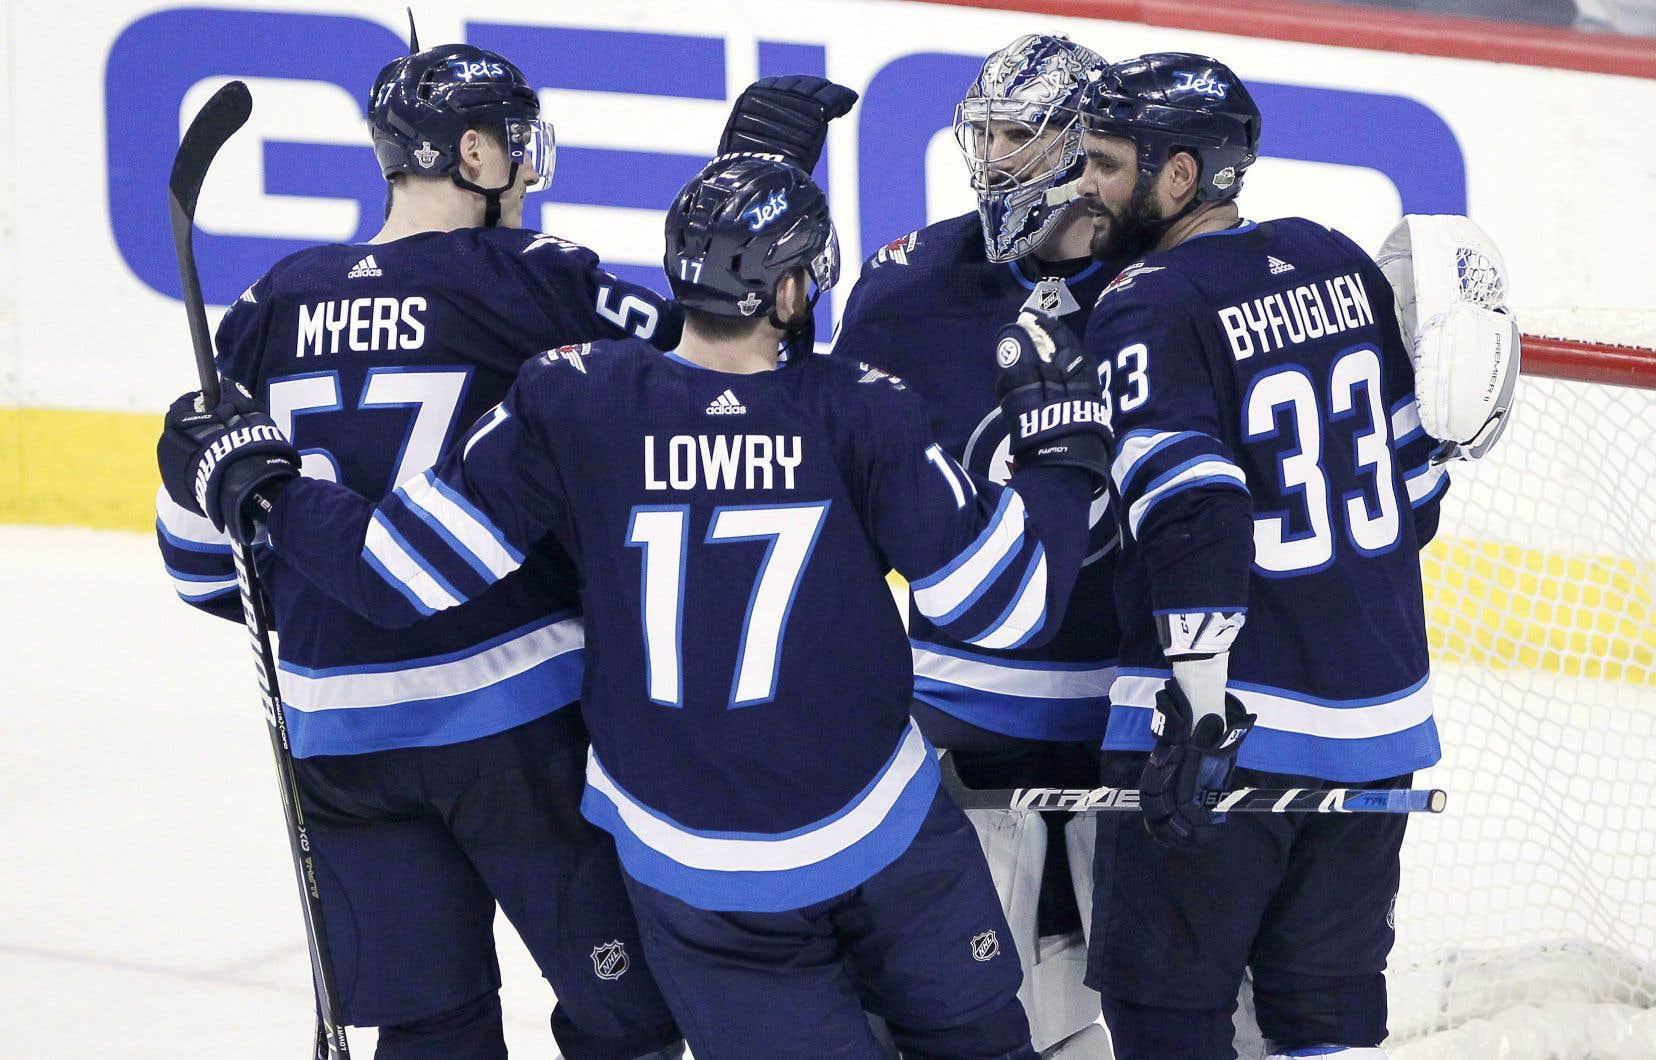 Les Jets ont remporté une première série depuis leur retour à Winnipeg, à compter de la saison 2011-2012.